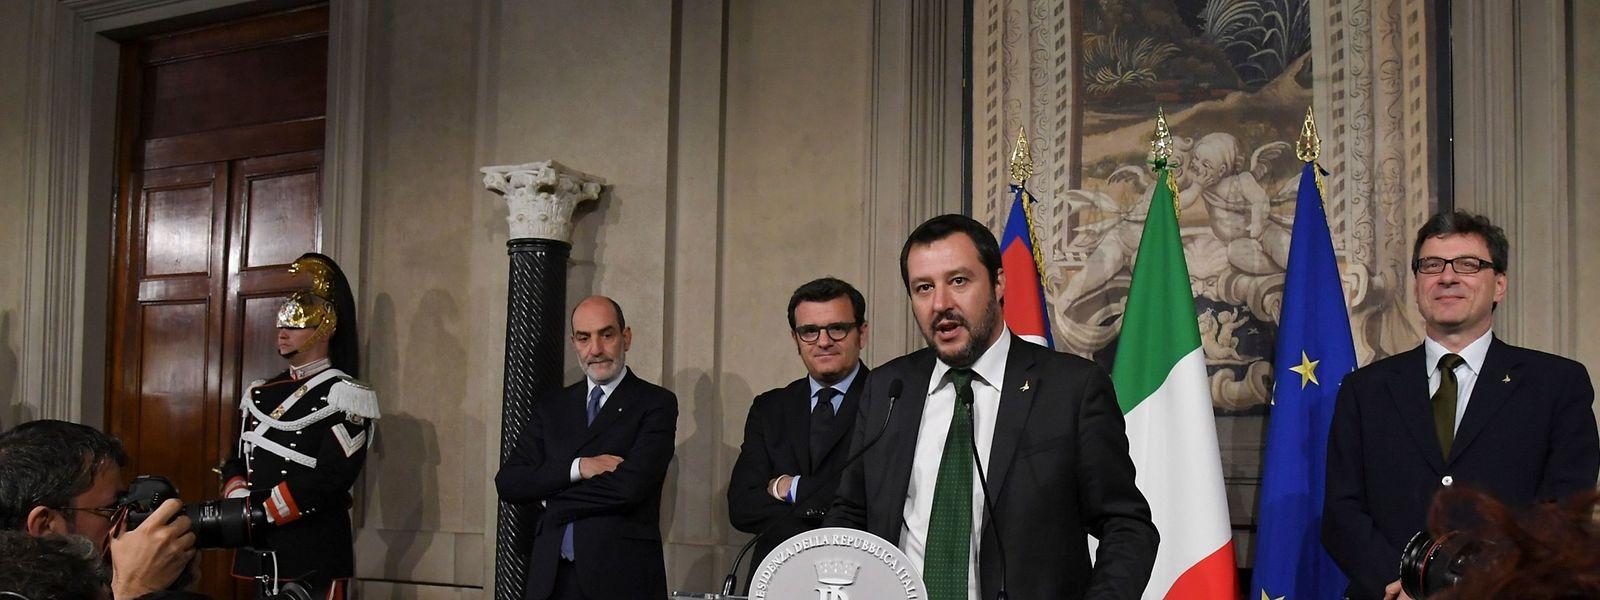 Vollmundige Wahlversprechungen wie Steuererleichterungen und Mindesteinkommen haben es in den Koalitionsvertrag geschafft.